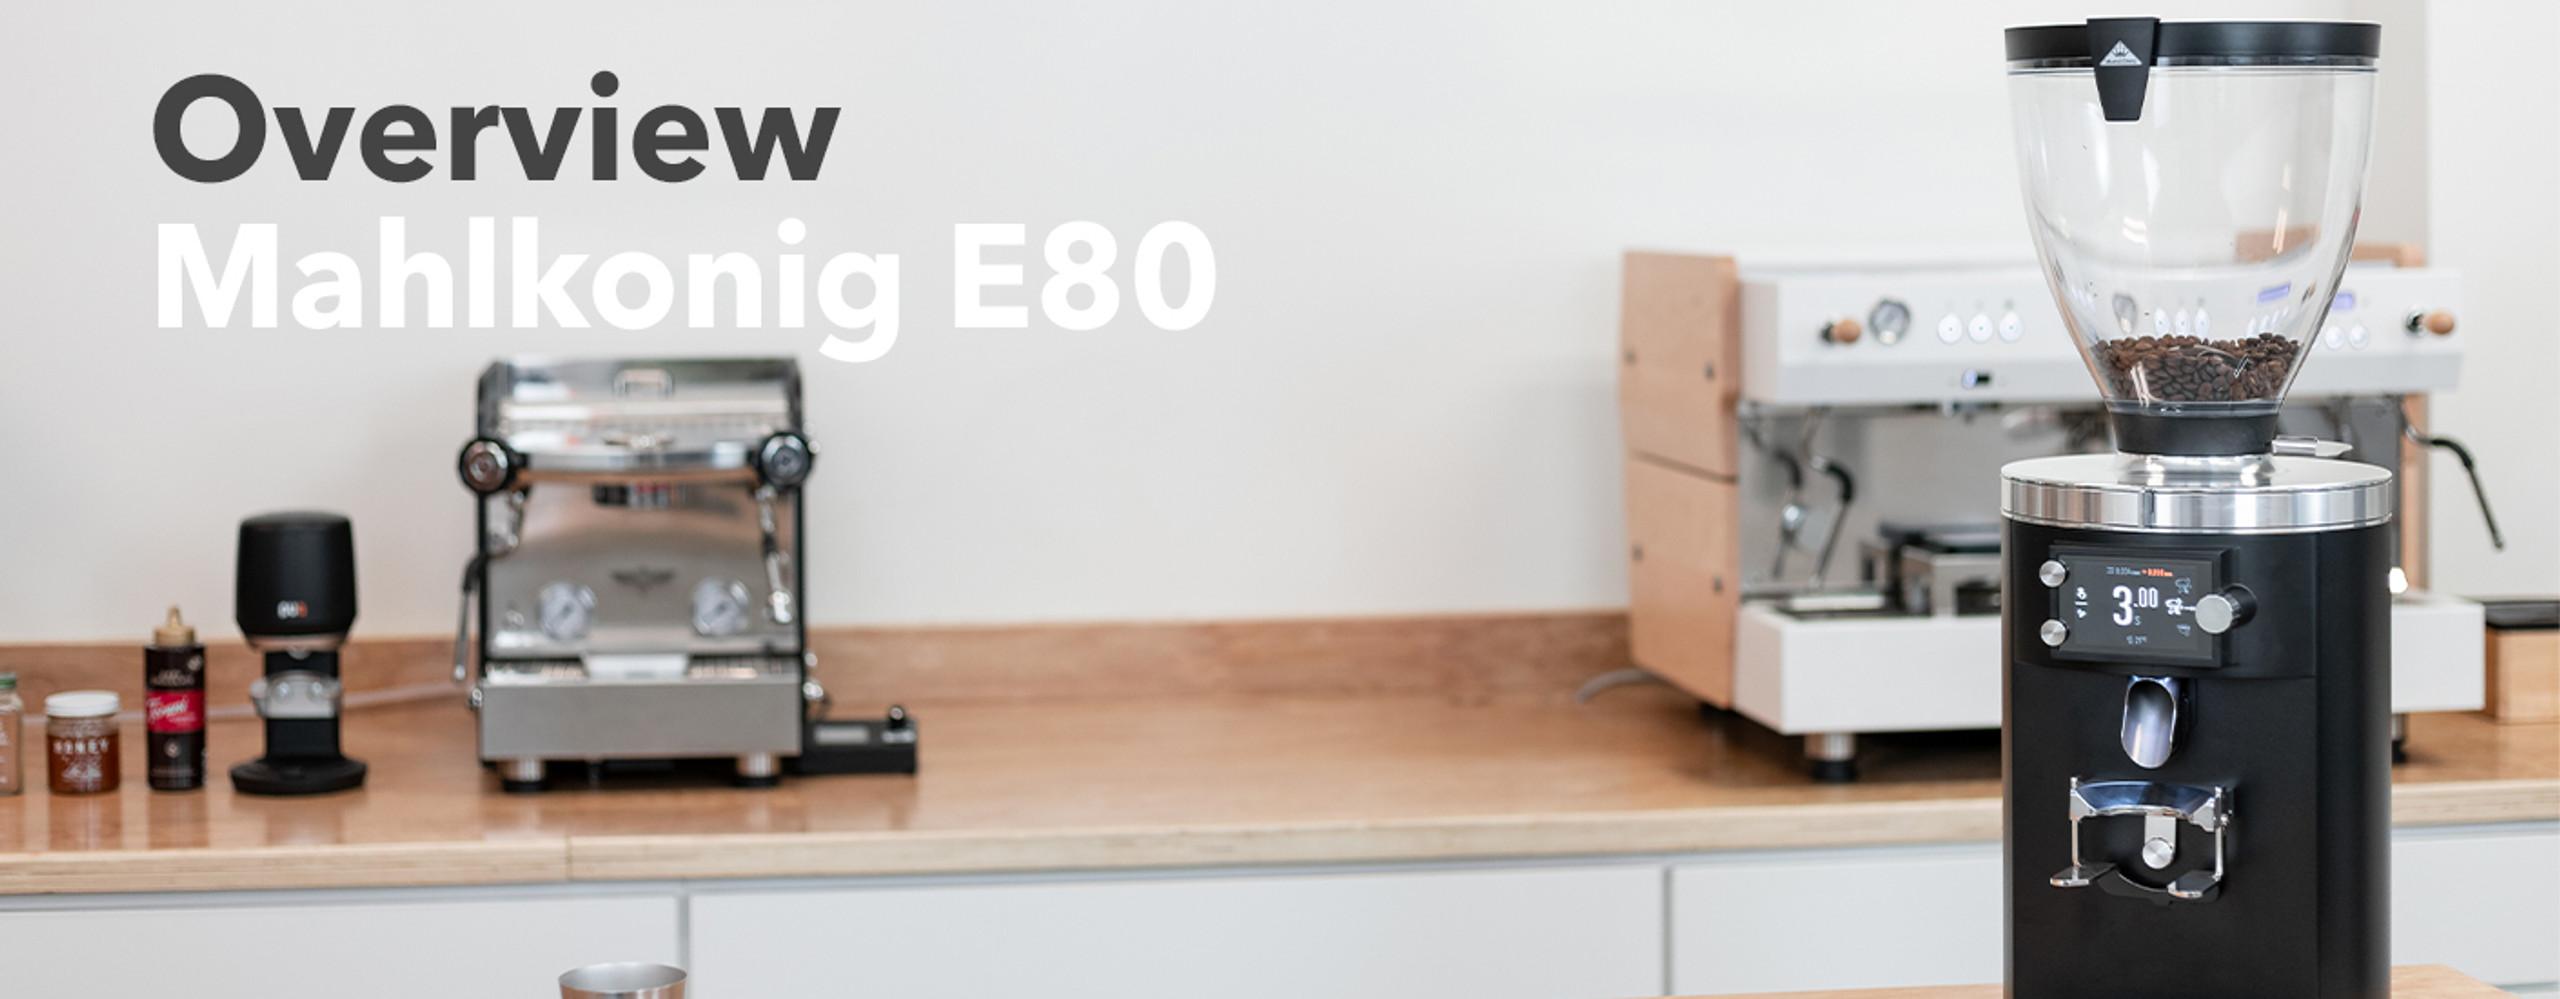 Mahlkonig E80 Supreme